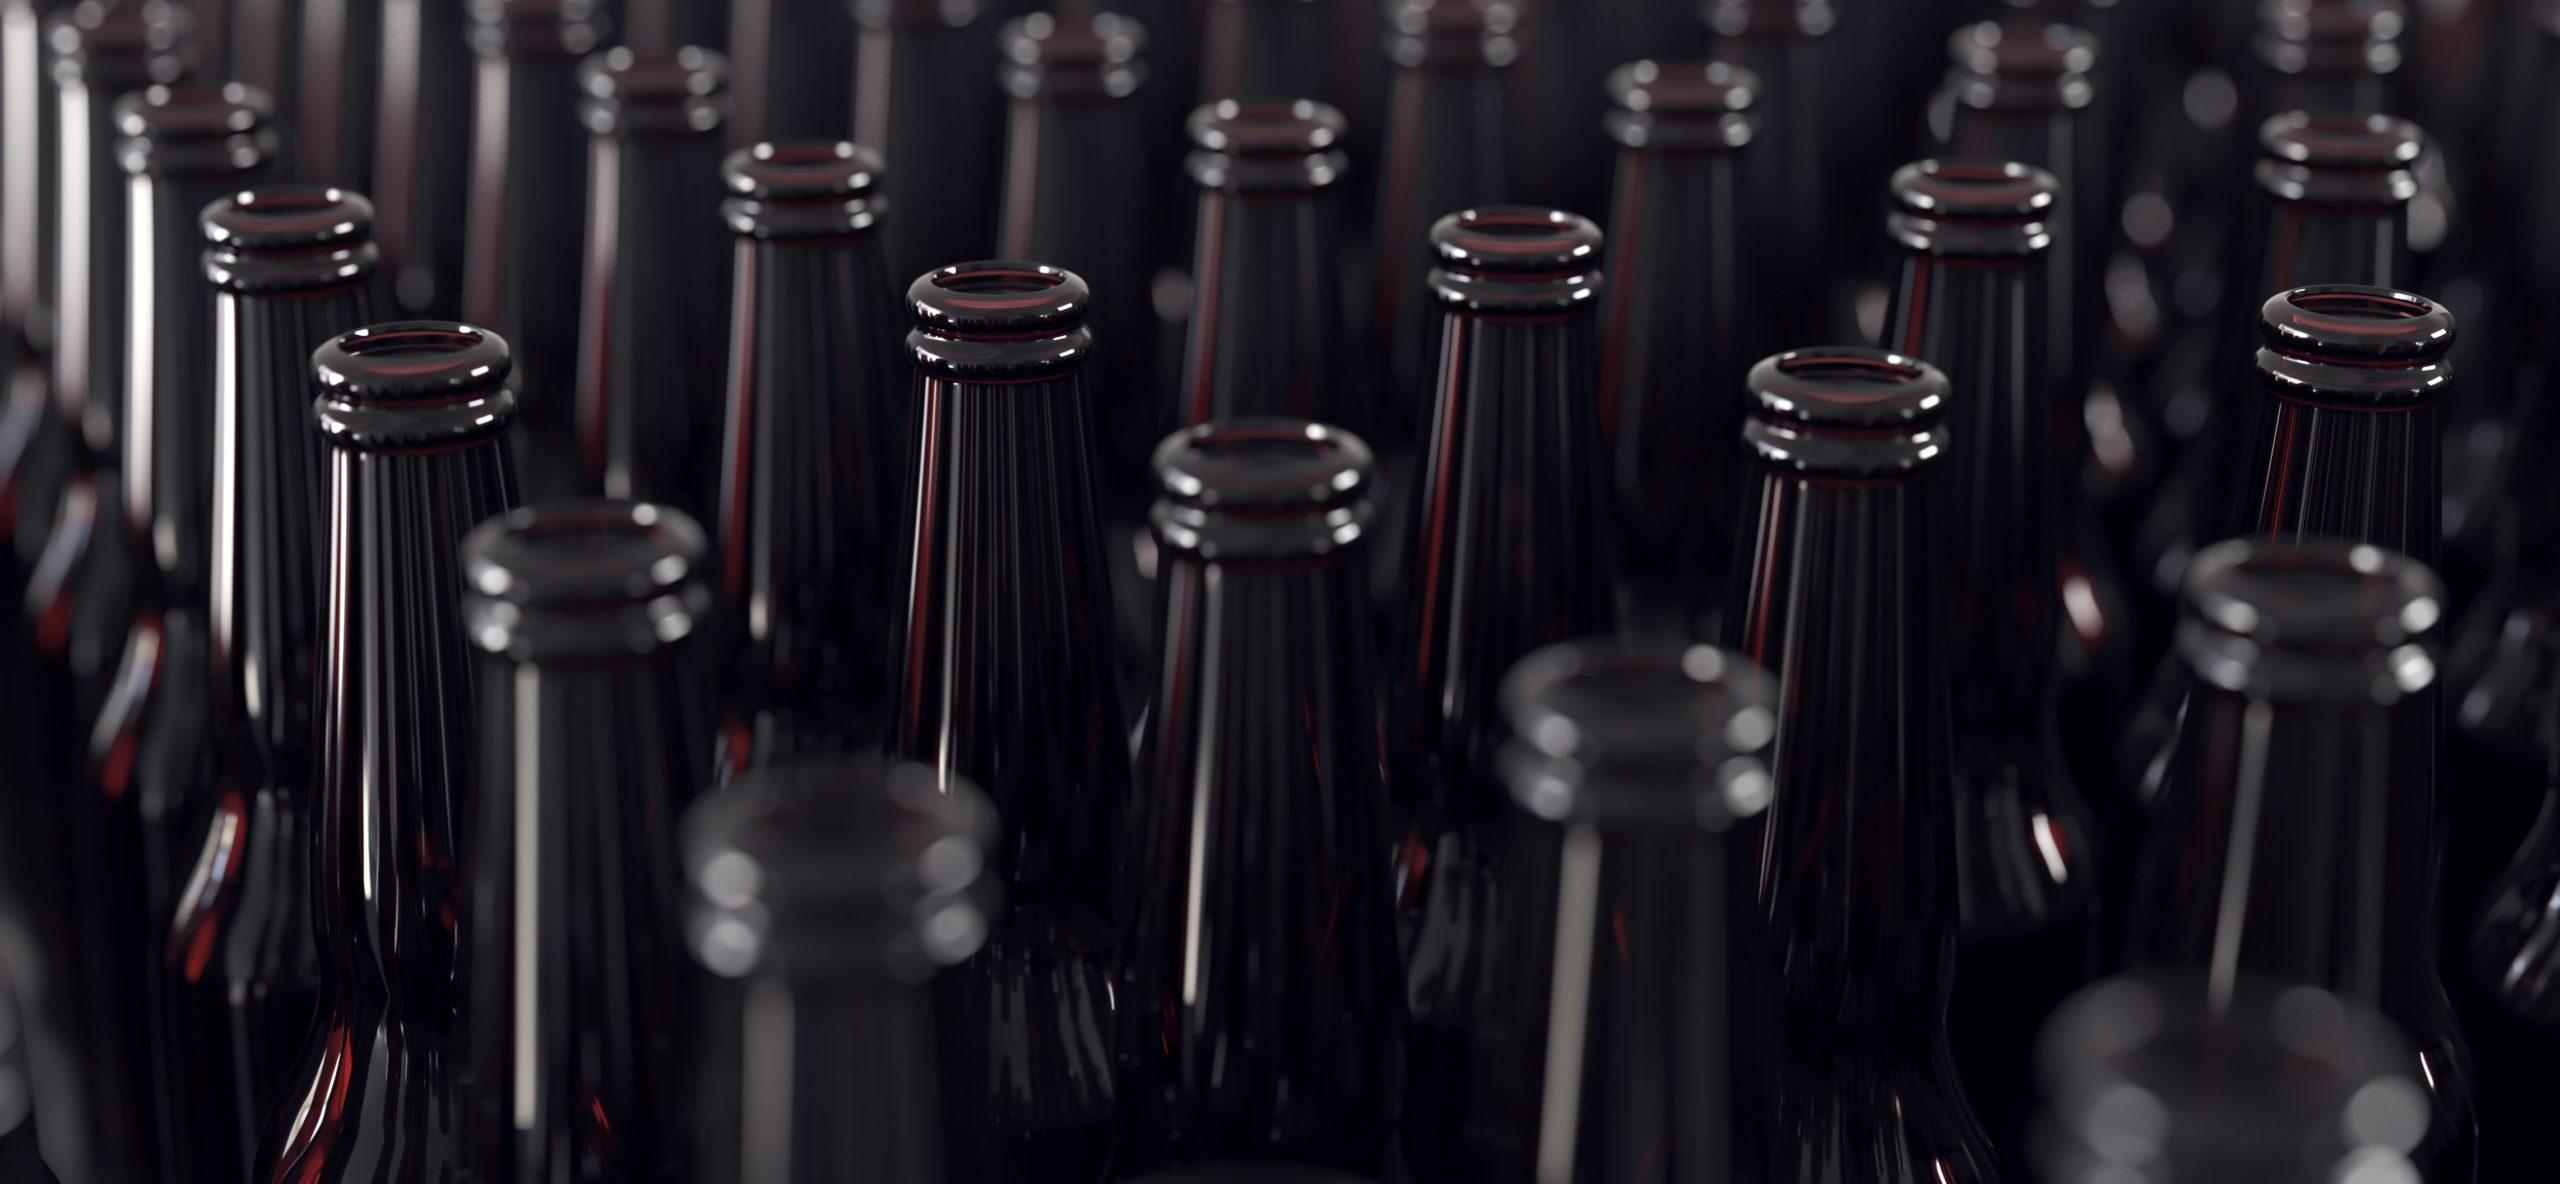 Servicios Infinitos y Botellas Innovadoras